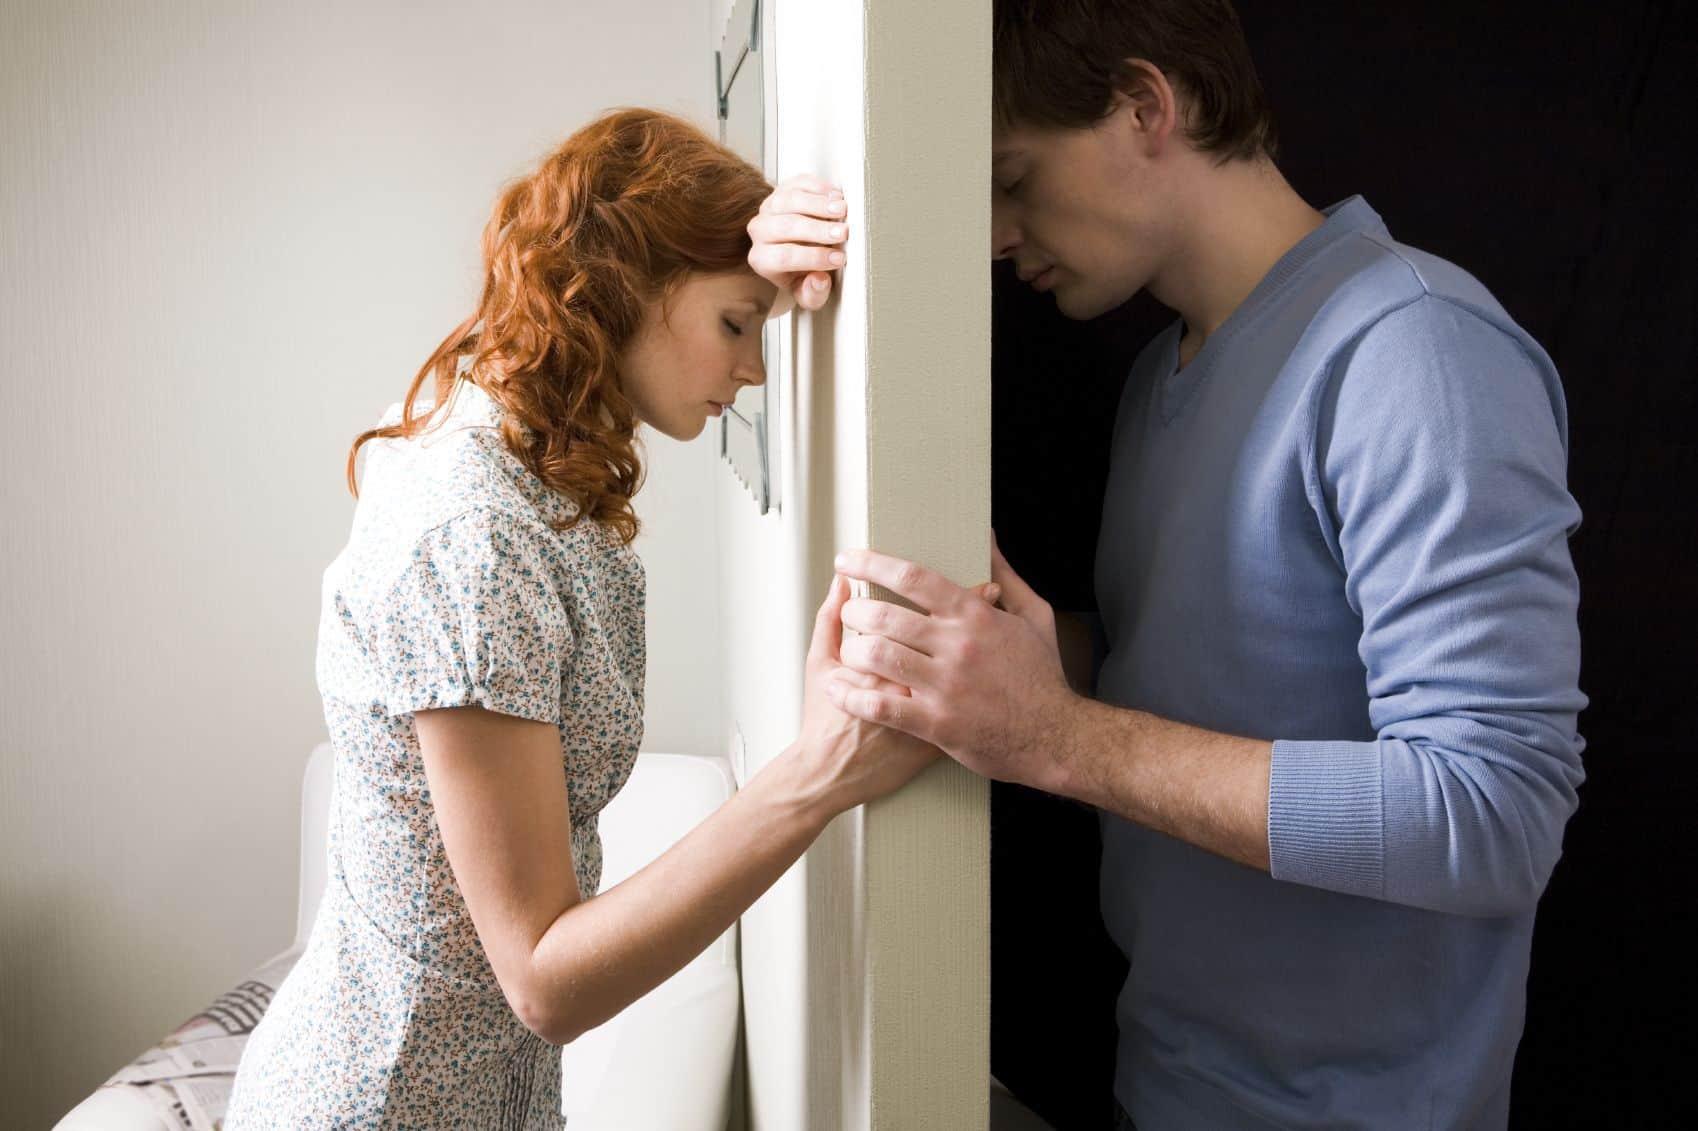 f04e50f015f8d الخلافات الزوجية والمشاكل بين الزوجين هي امر وارد حدوثه في أي وقت، لكن  الفكرة هو طريقة التعامل في حل المشاكل بين الزوجين لذلك يجب على الزوجين ان  ينظرا إلى ...